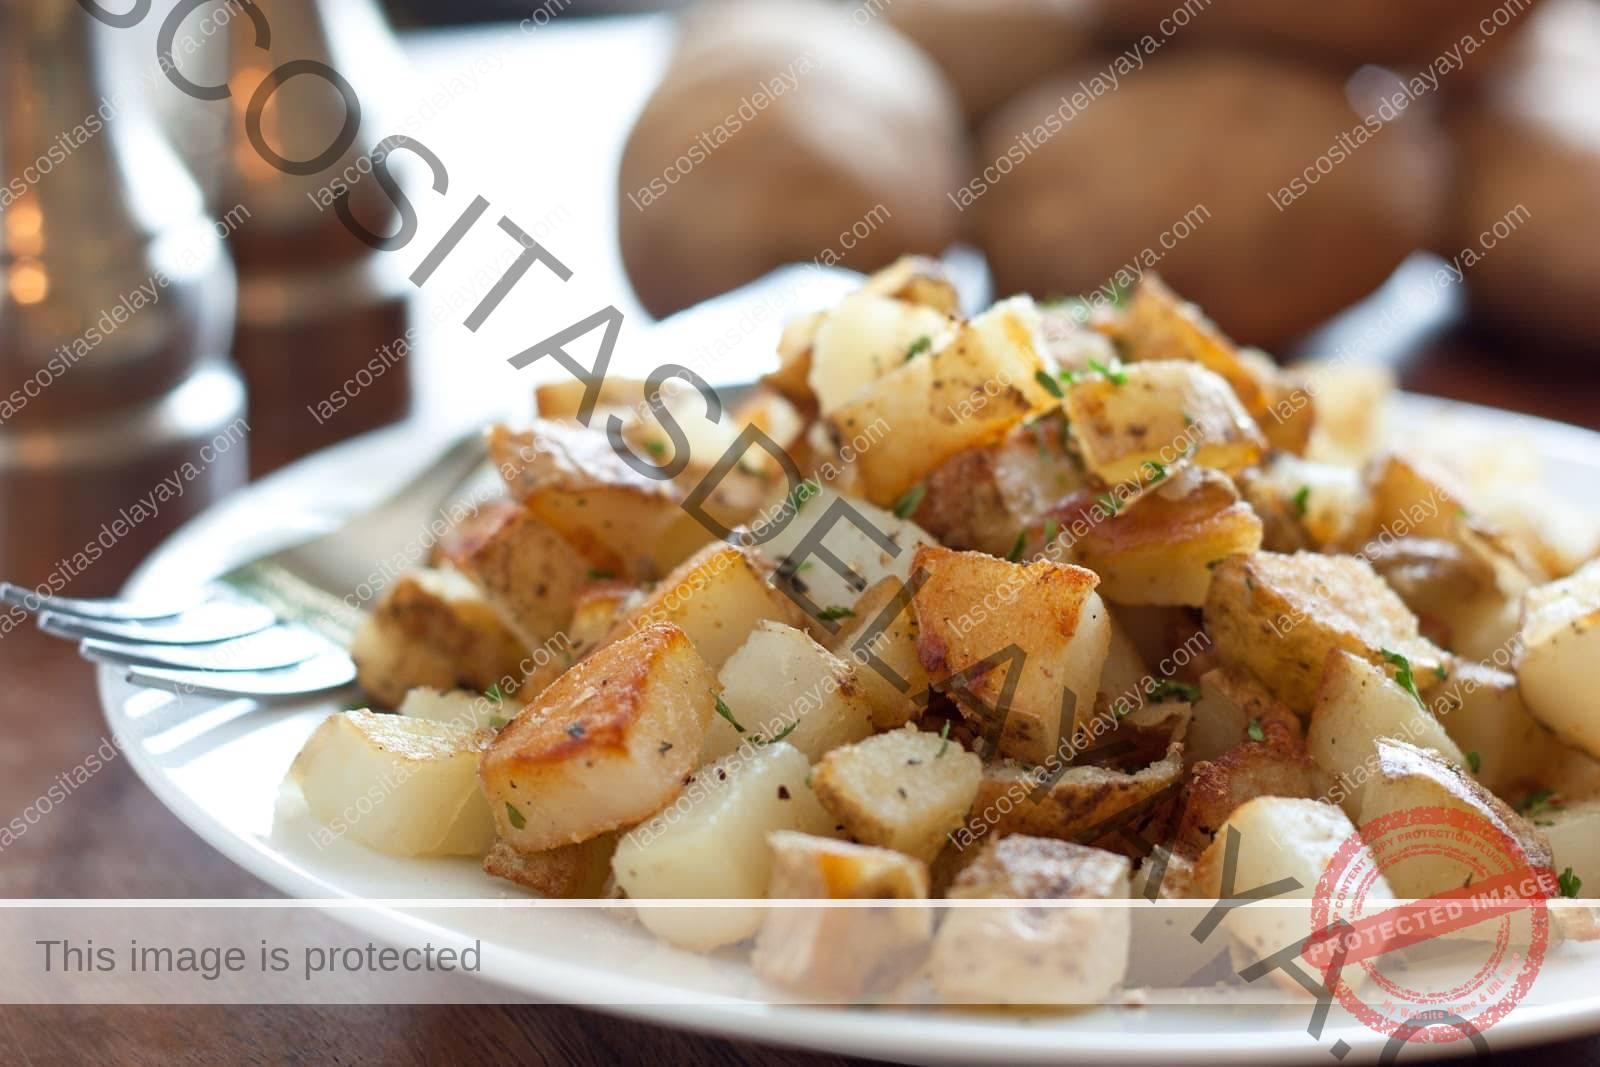 patatas de desayuno perfectamente doradas y crujientes y se muestran en un plato para servir.